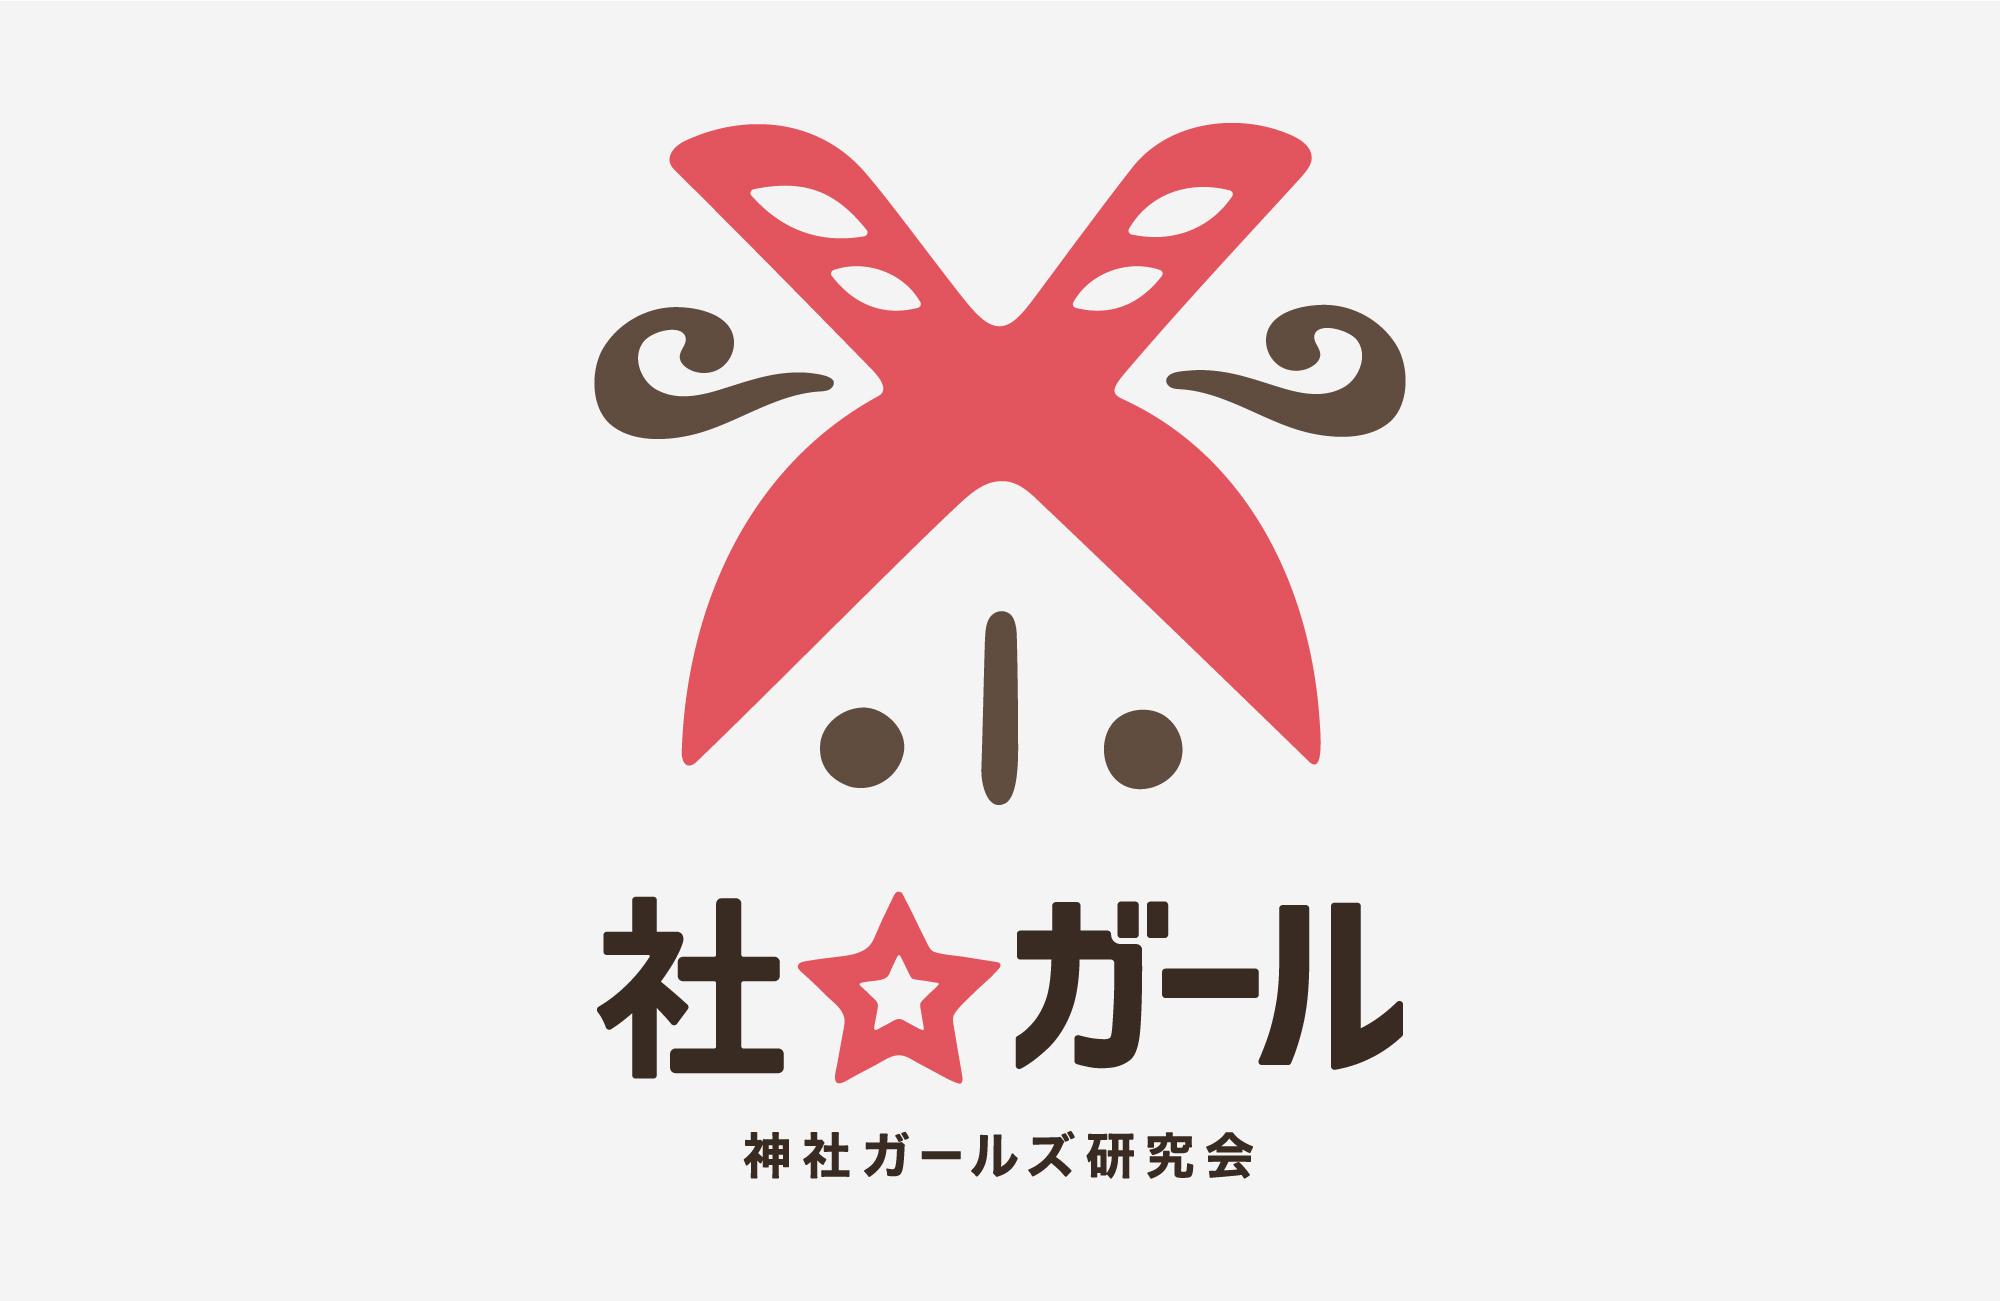 社☆ガール ロゴマーク